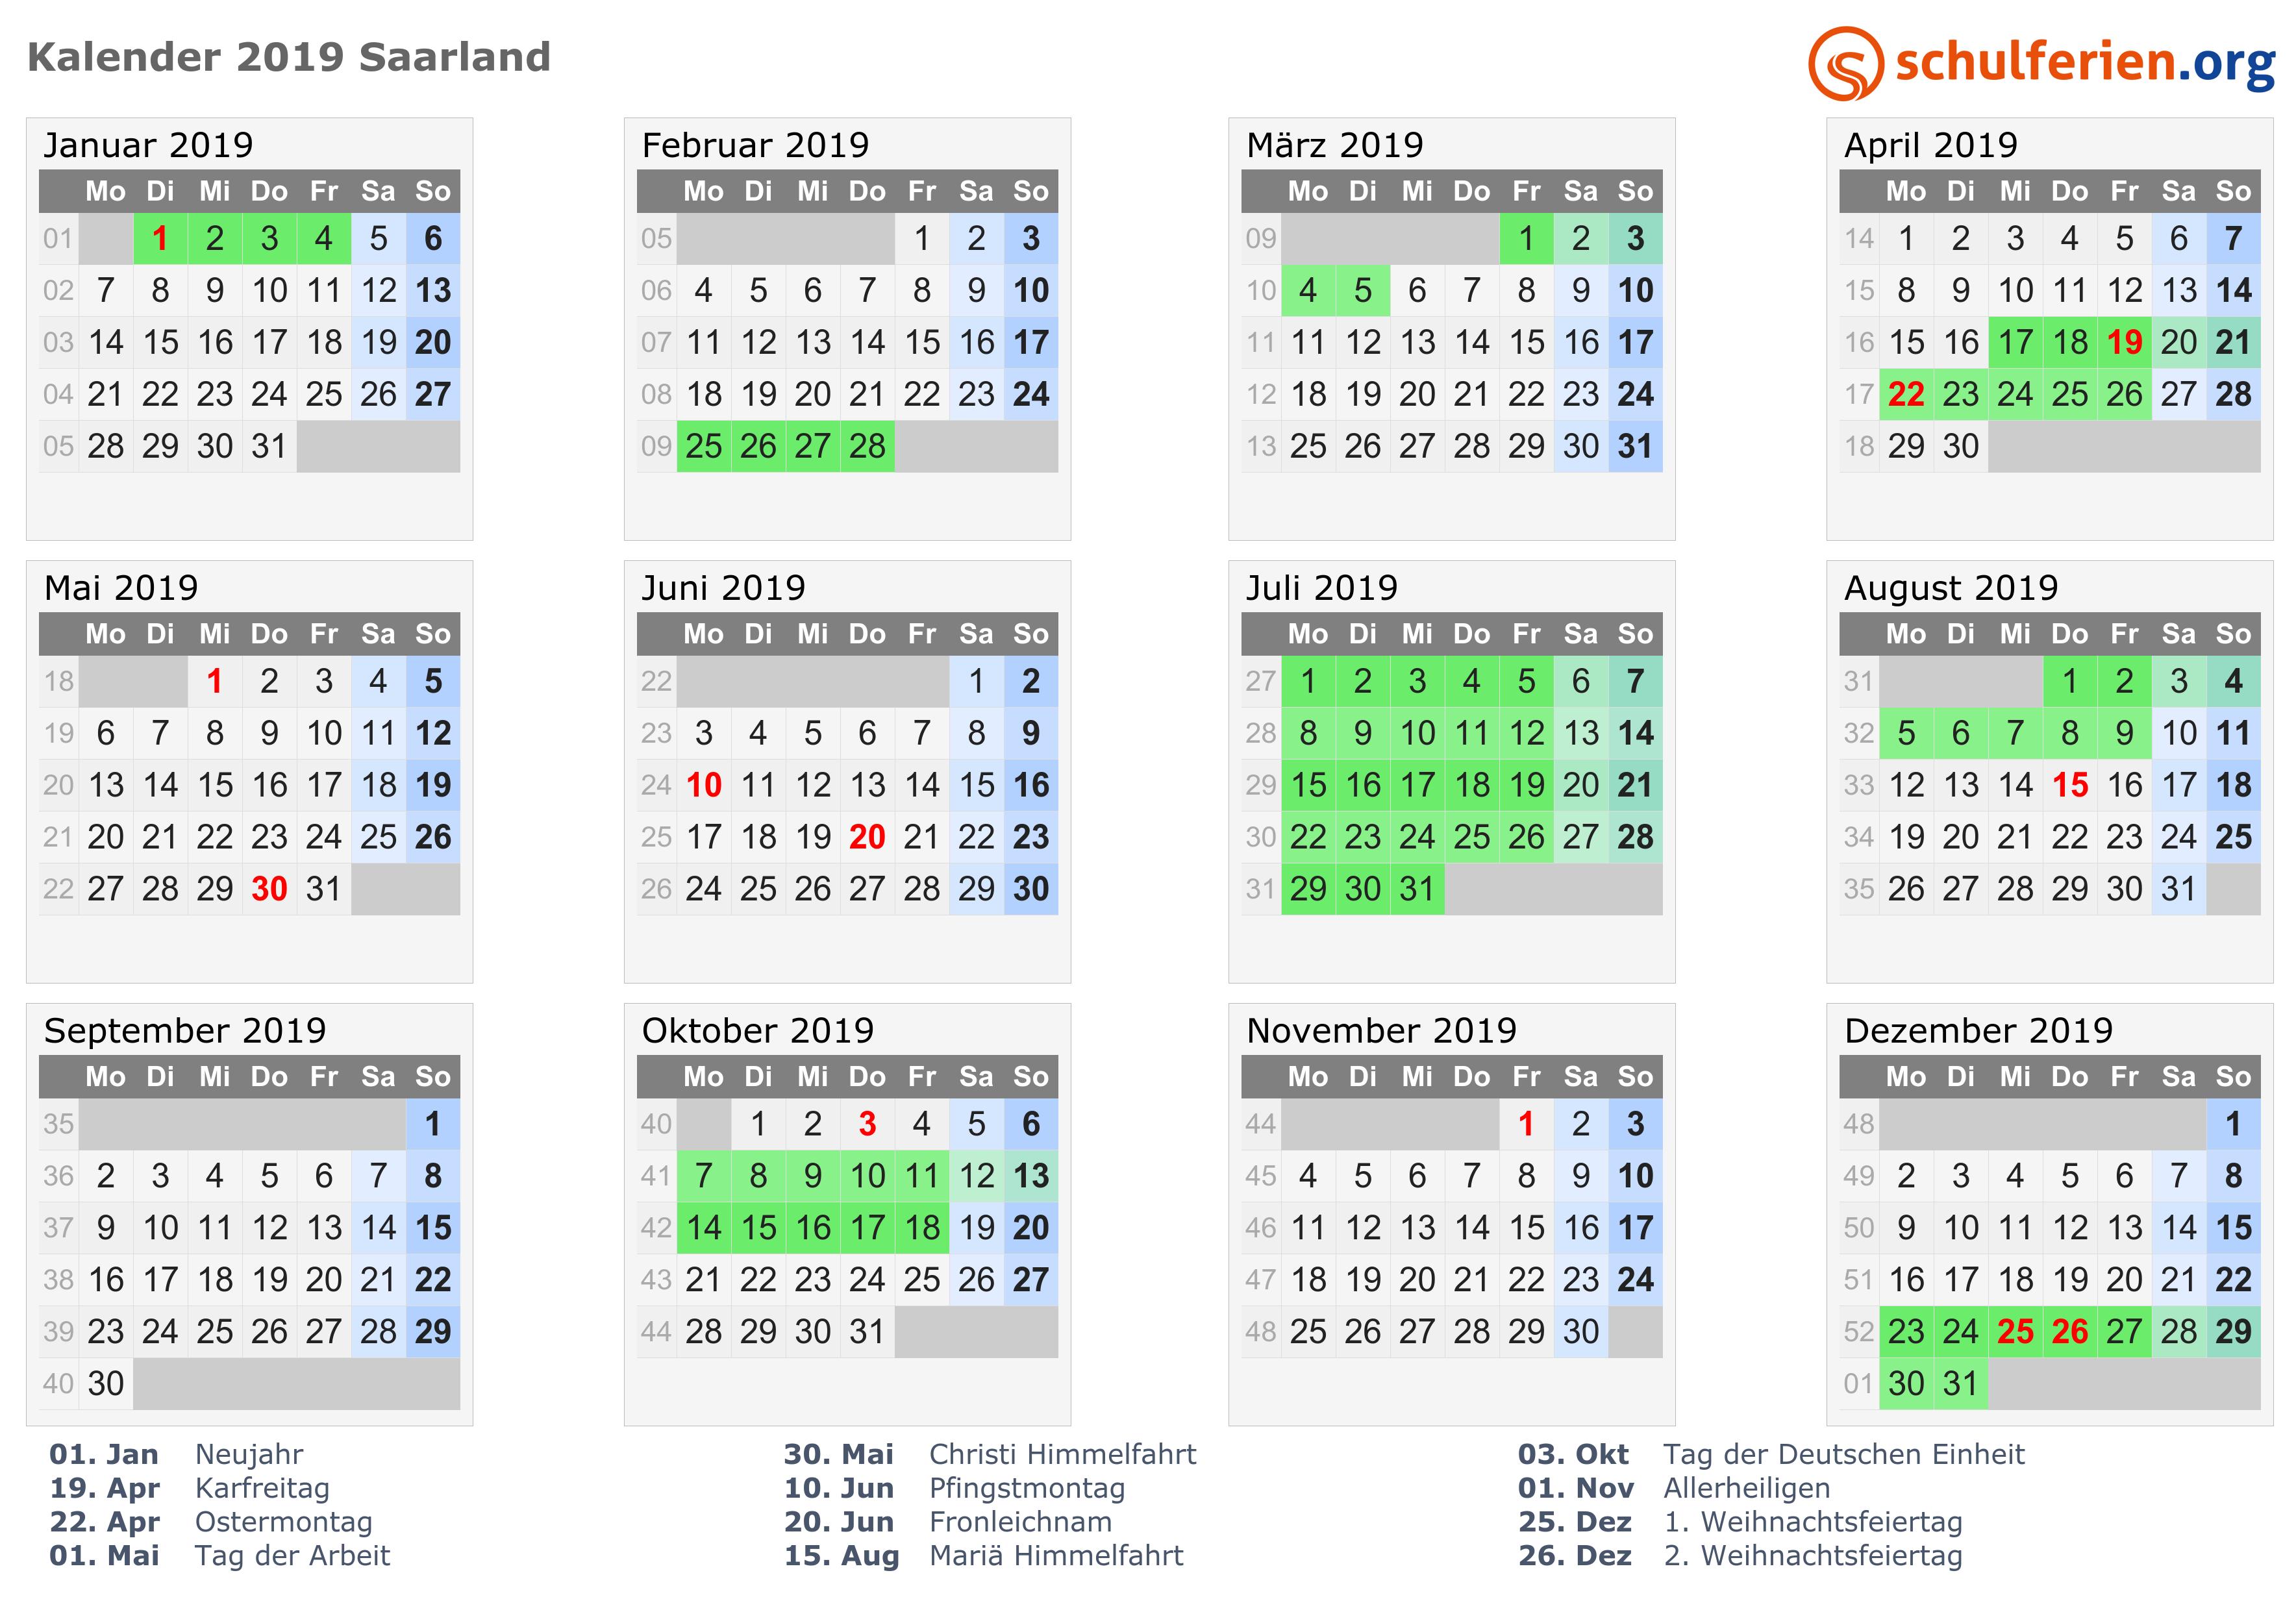 Kalender 2019 Ferien Saarland Feiertage